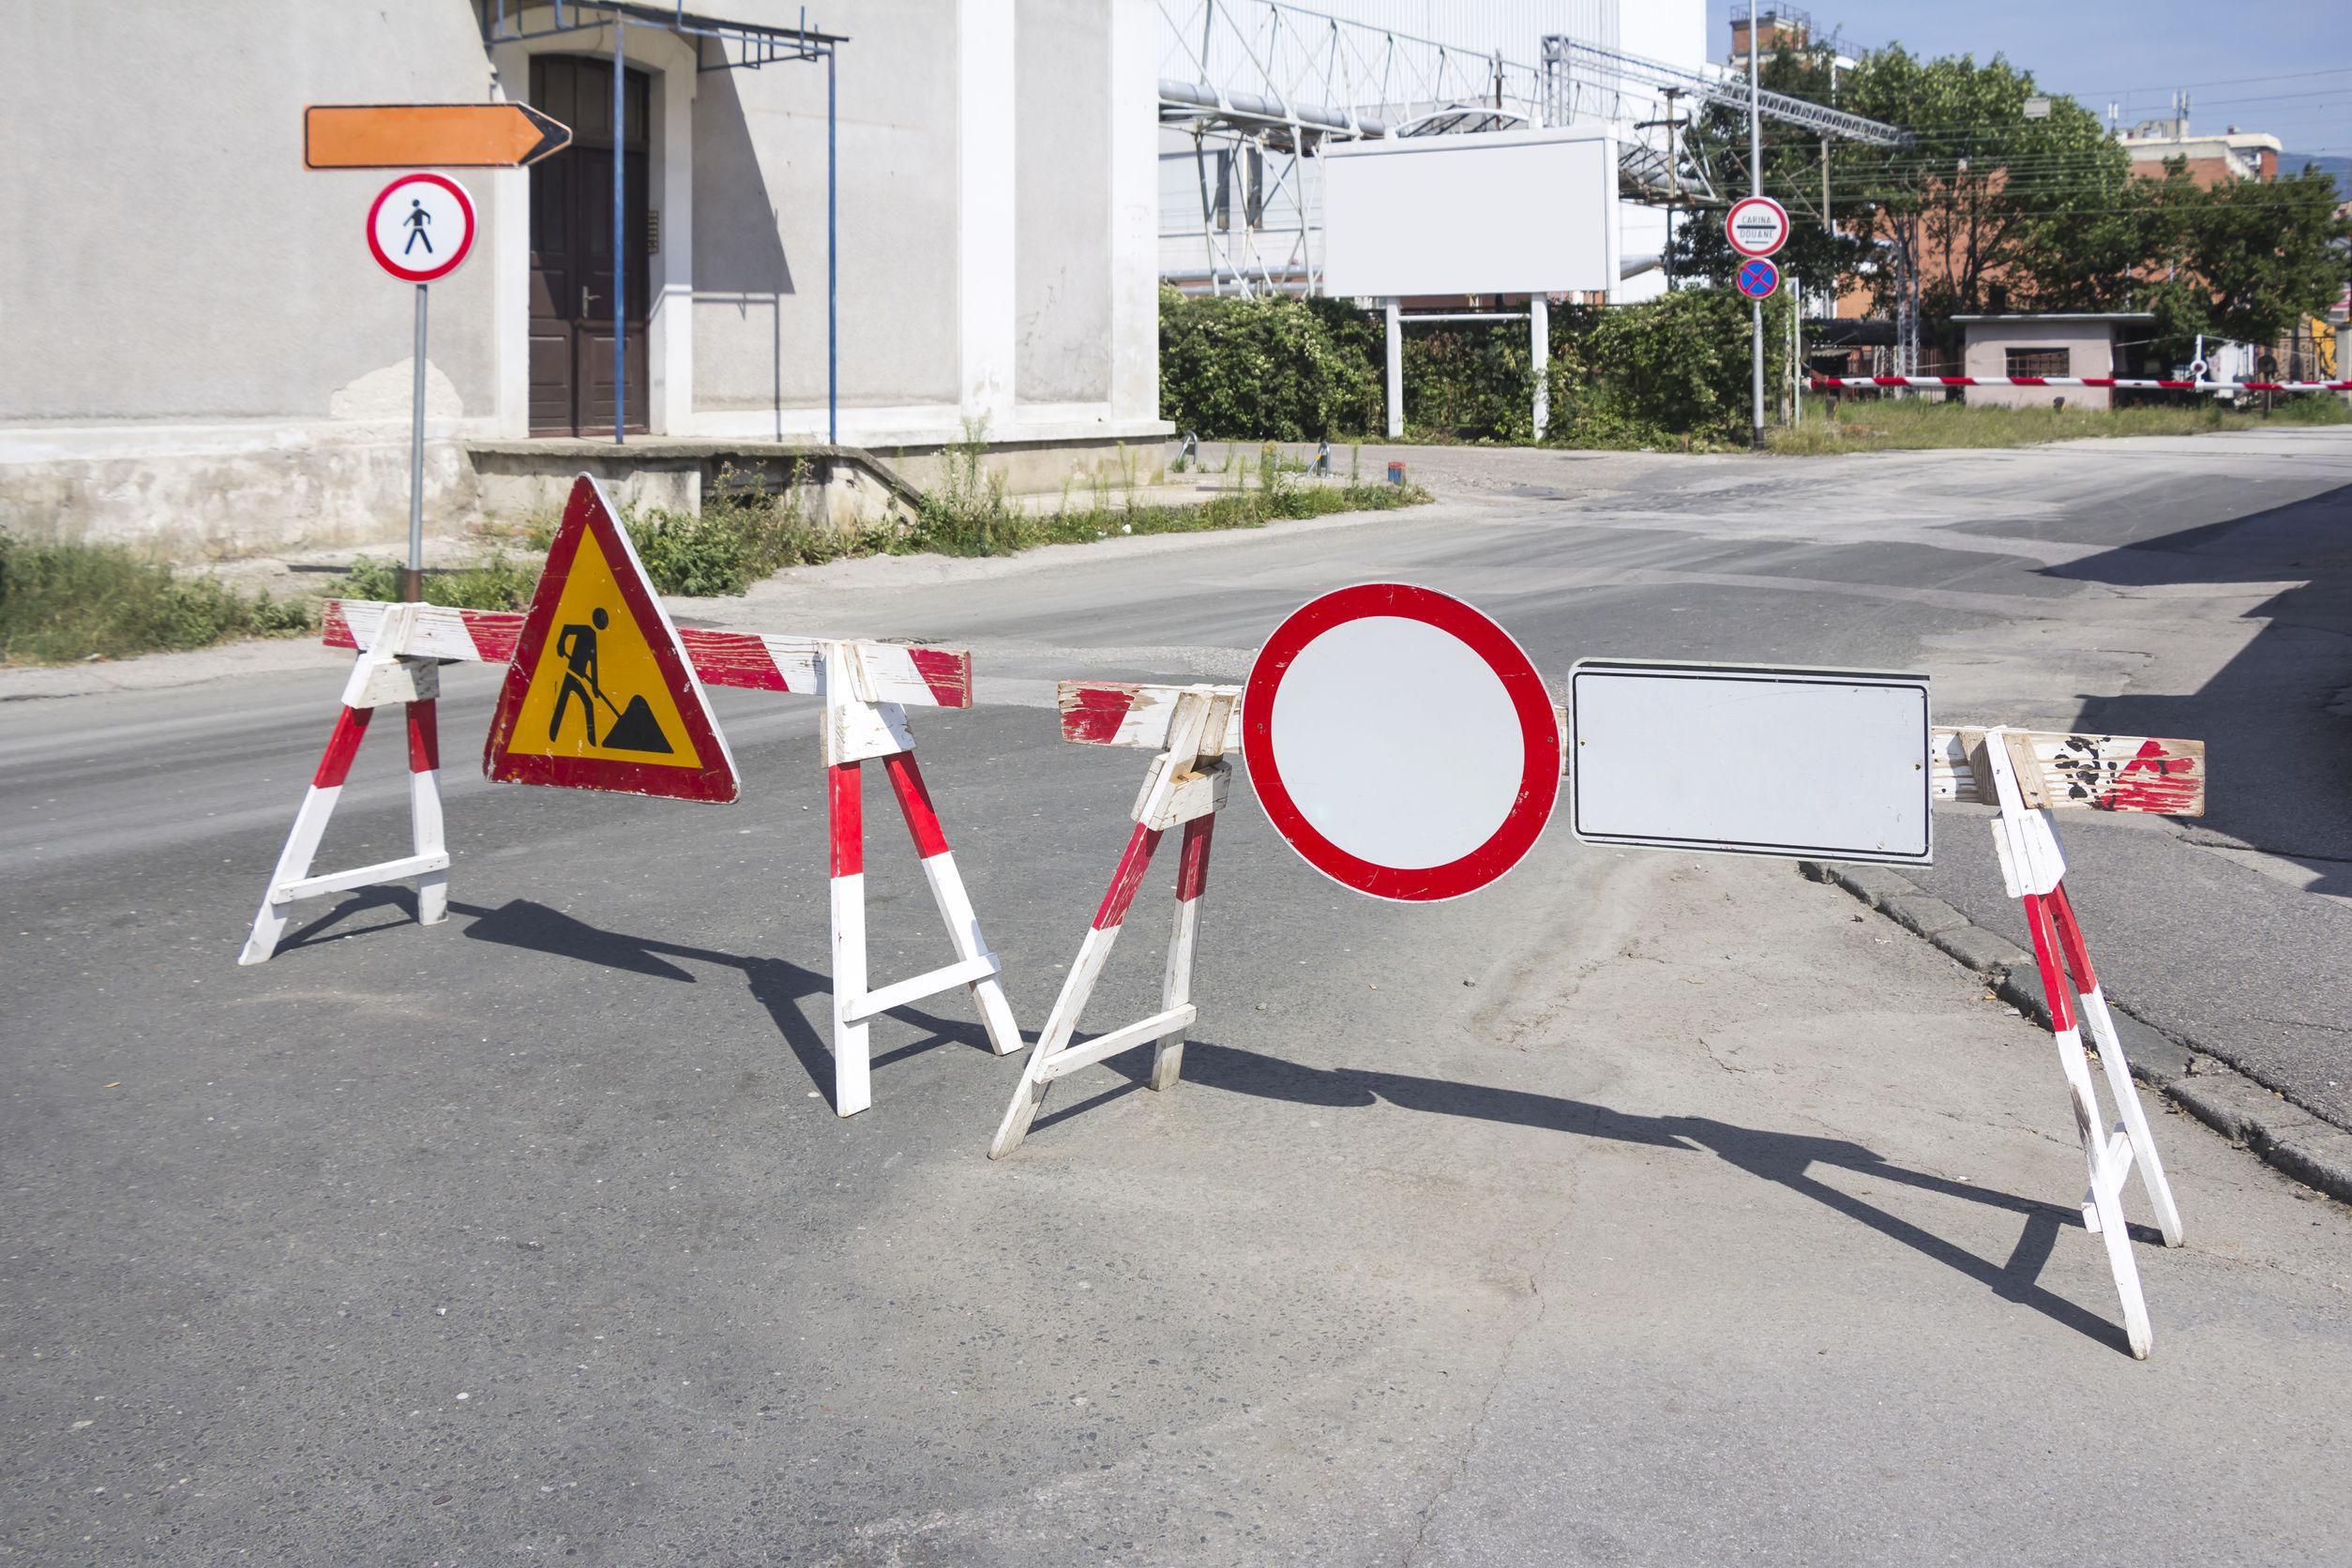 Caniculă în toată ţara | RESTRICŢIILE pentru autovehiculele ce depăşesc 7,5 tone vor fi ridicate, duminică, în şase judeţe / Traficul rutier se desfăşoară cu dificultate pe Valea Prahovei, din cauza numărului mare de maşini